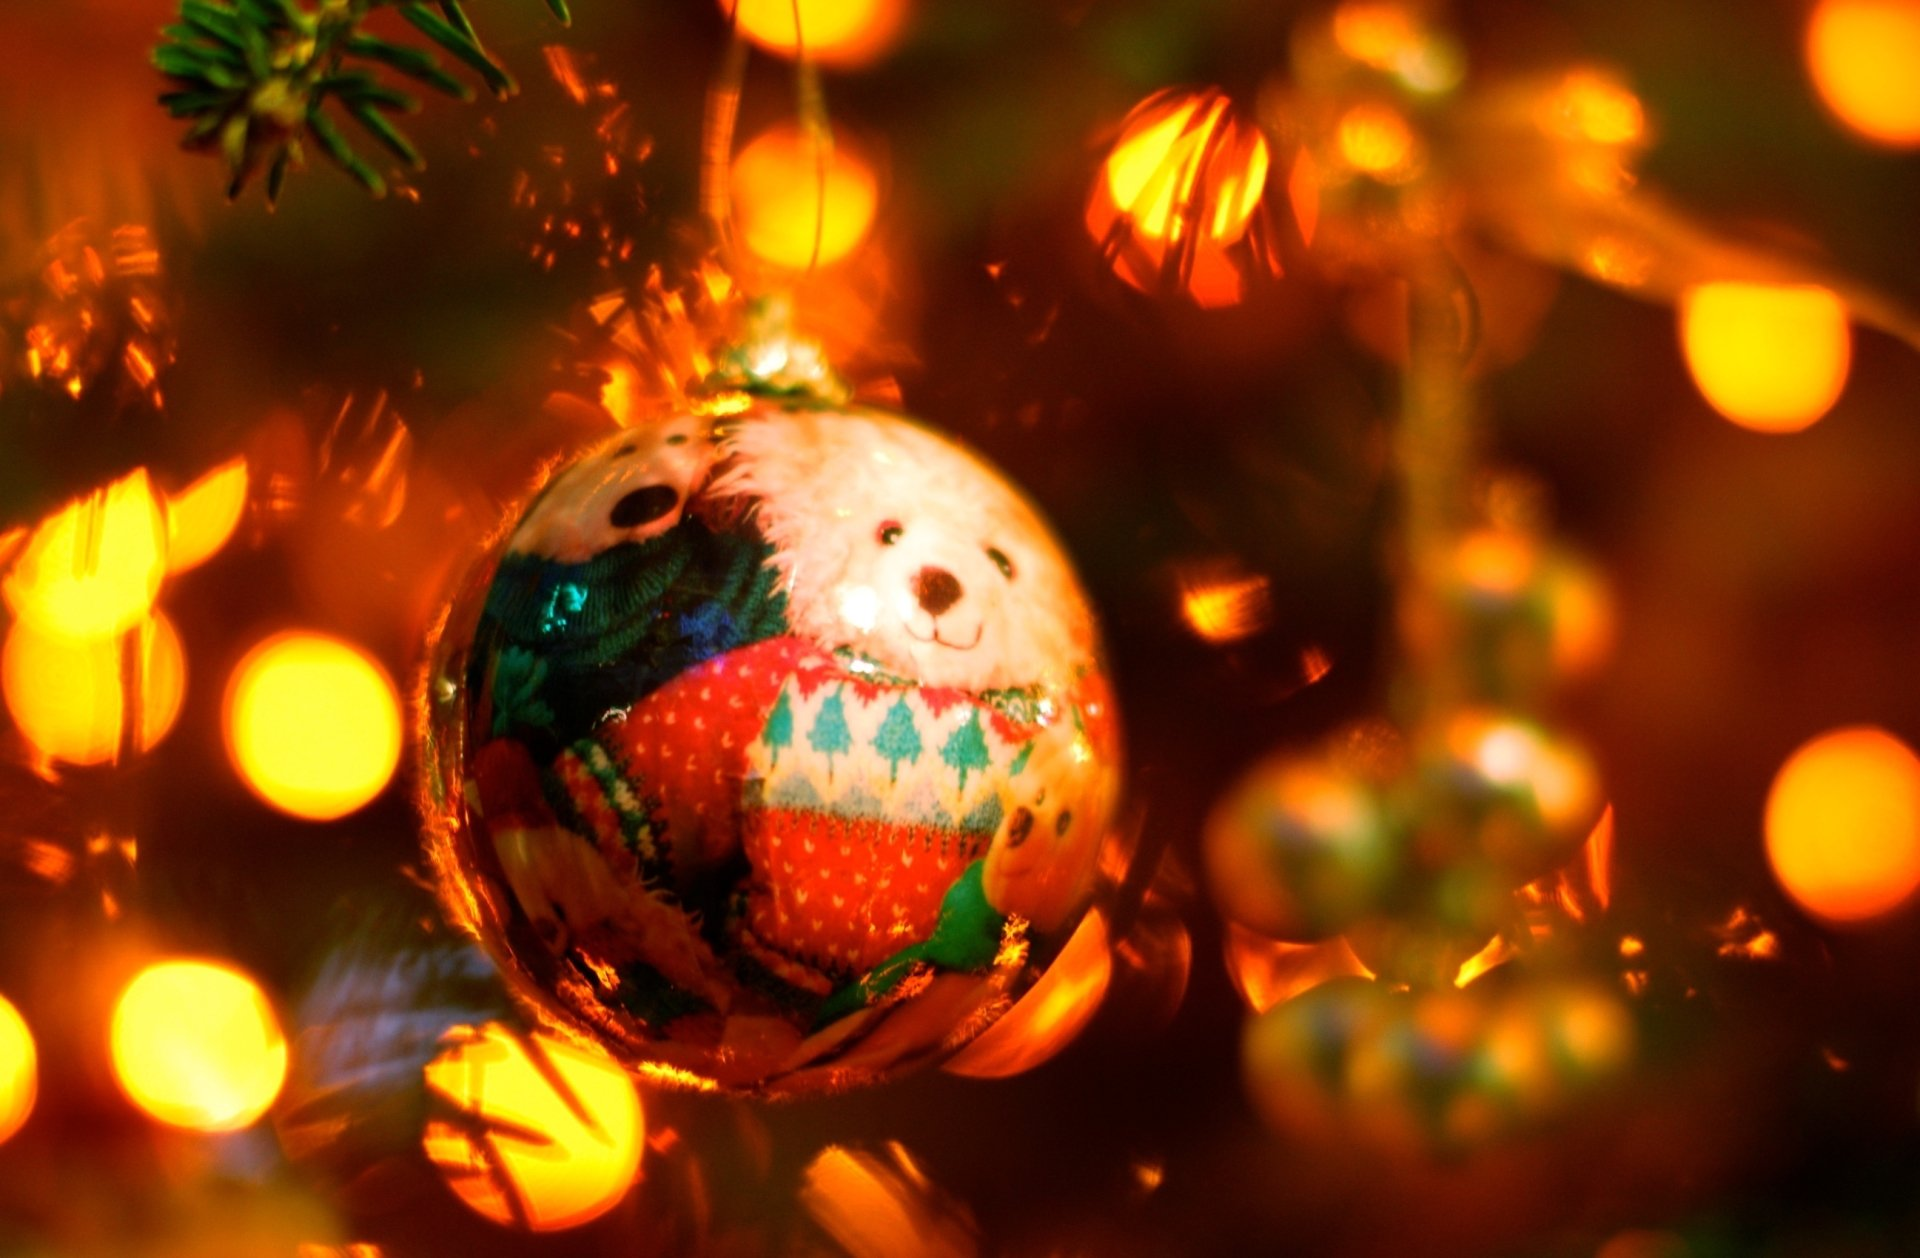 Feestdag - Kerstmis  Christmas Ornaments Wallpaper